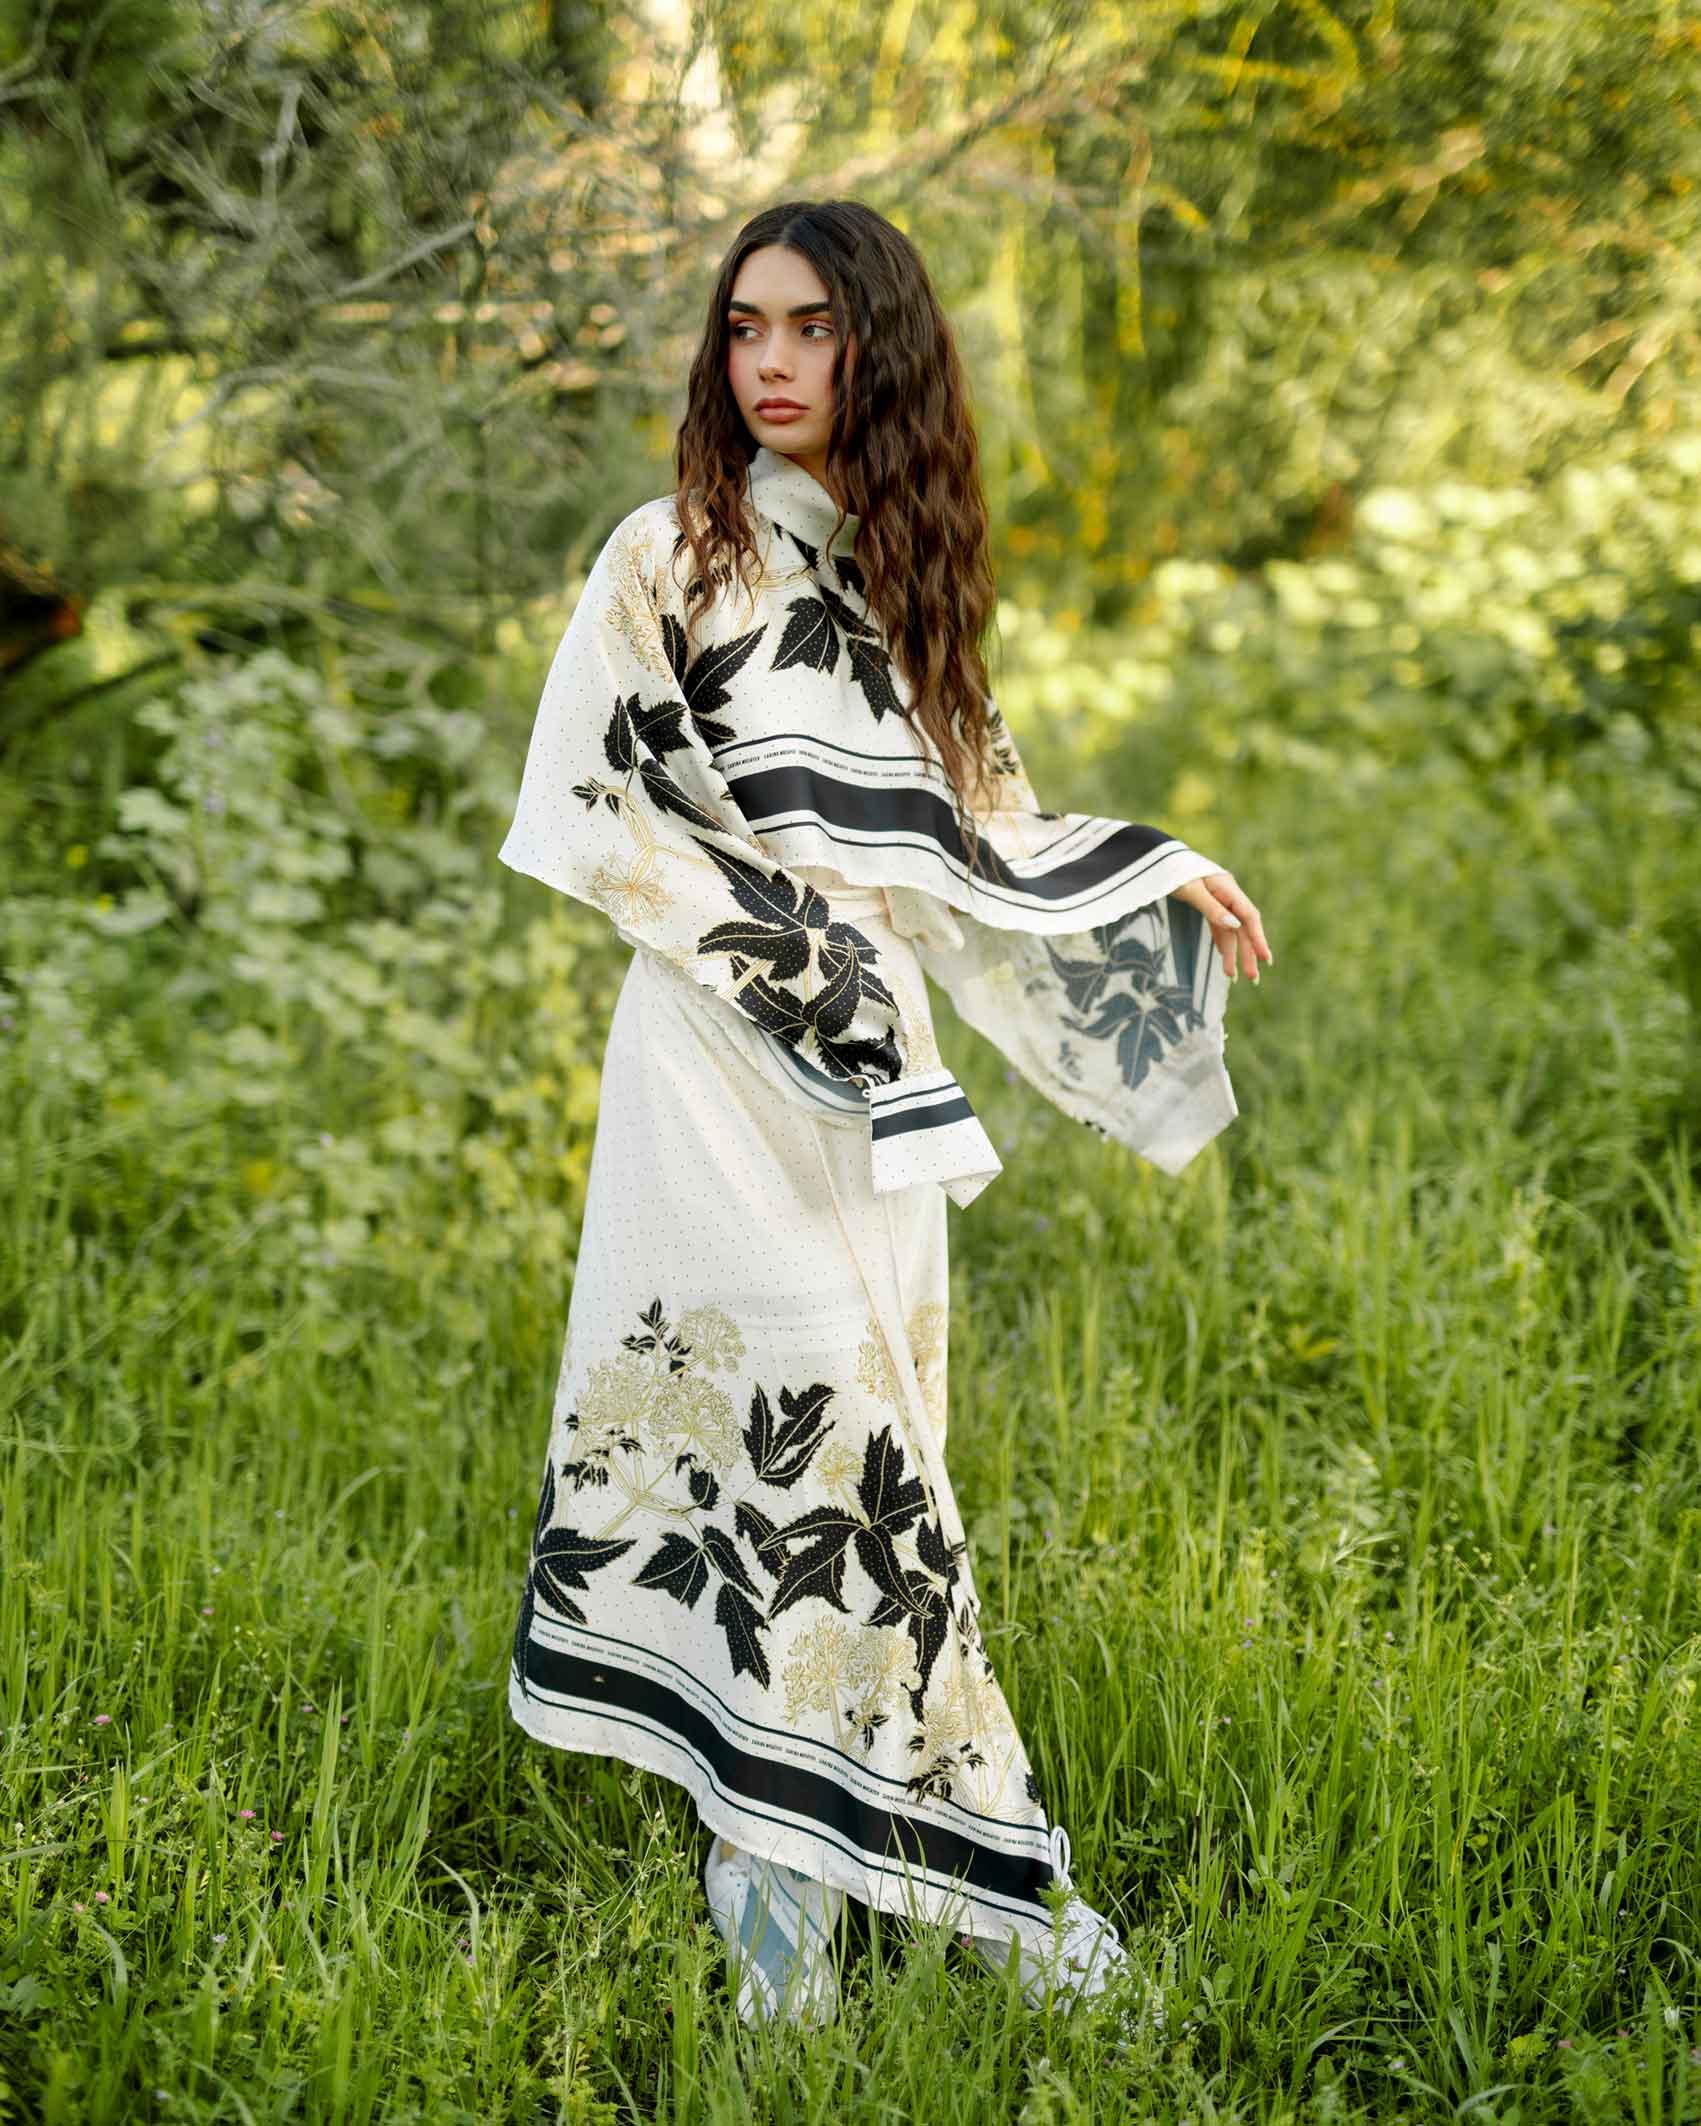 מעצבת: סבינה מוסייב-מעצבי-אופנה